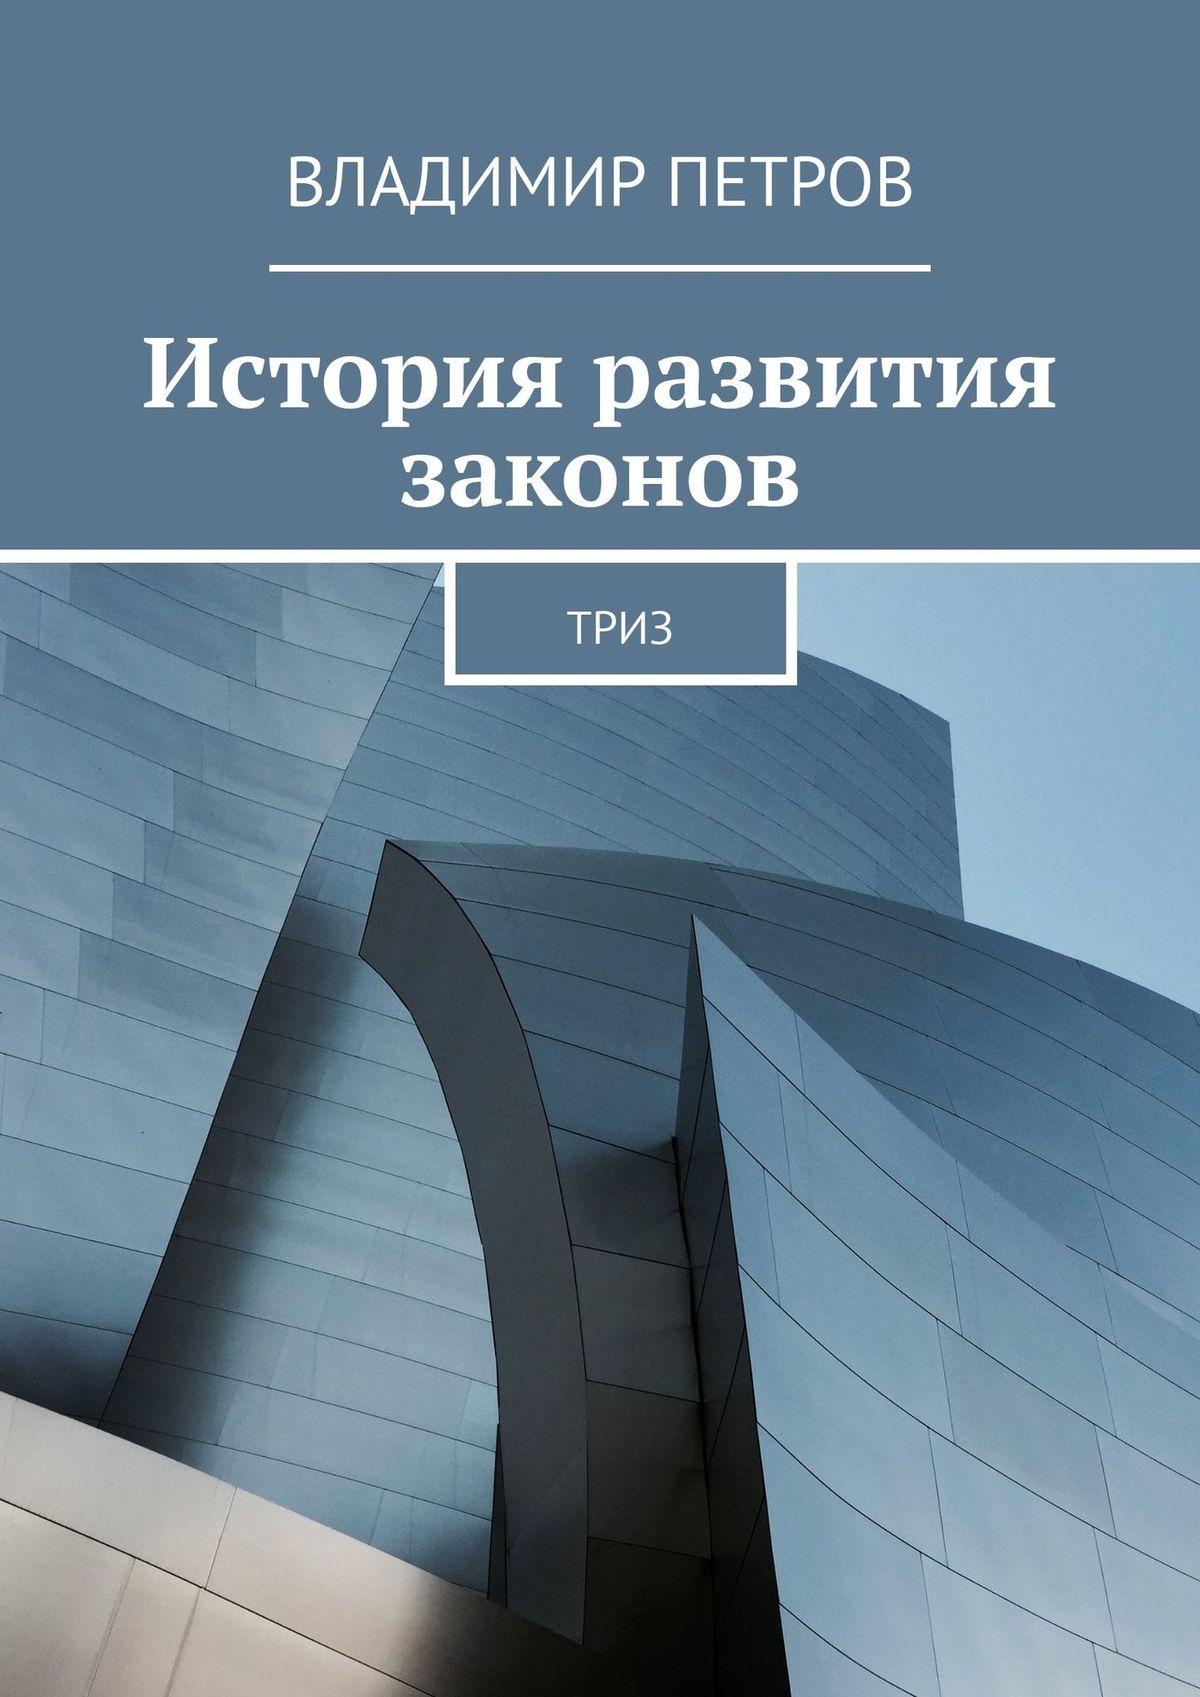 История развития законов. ТРИЗ